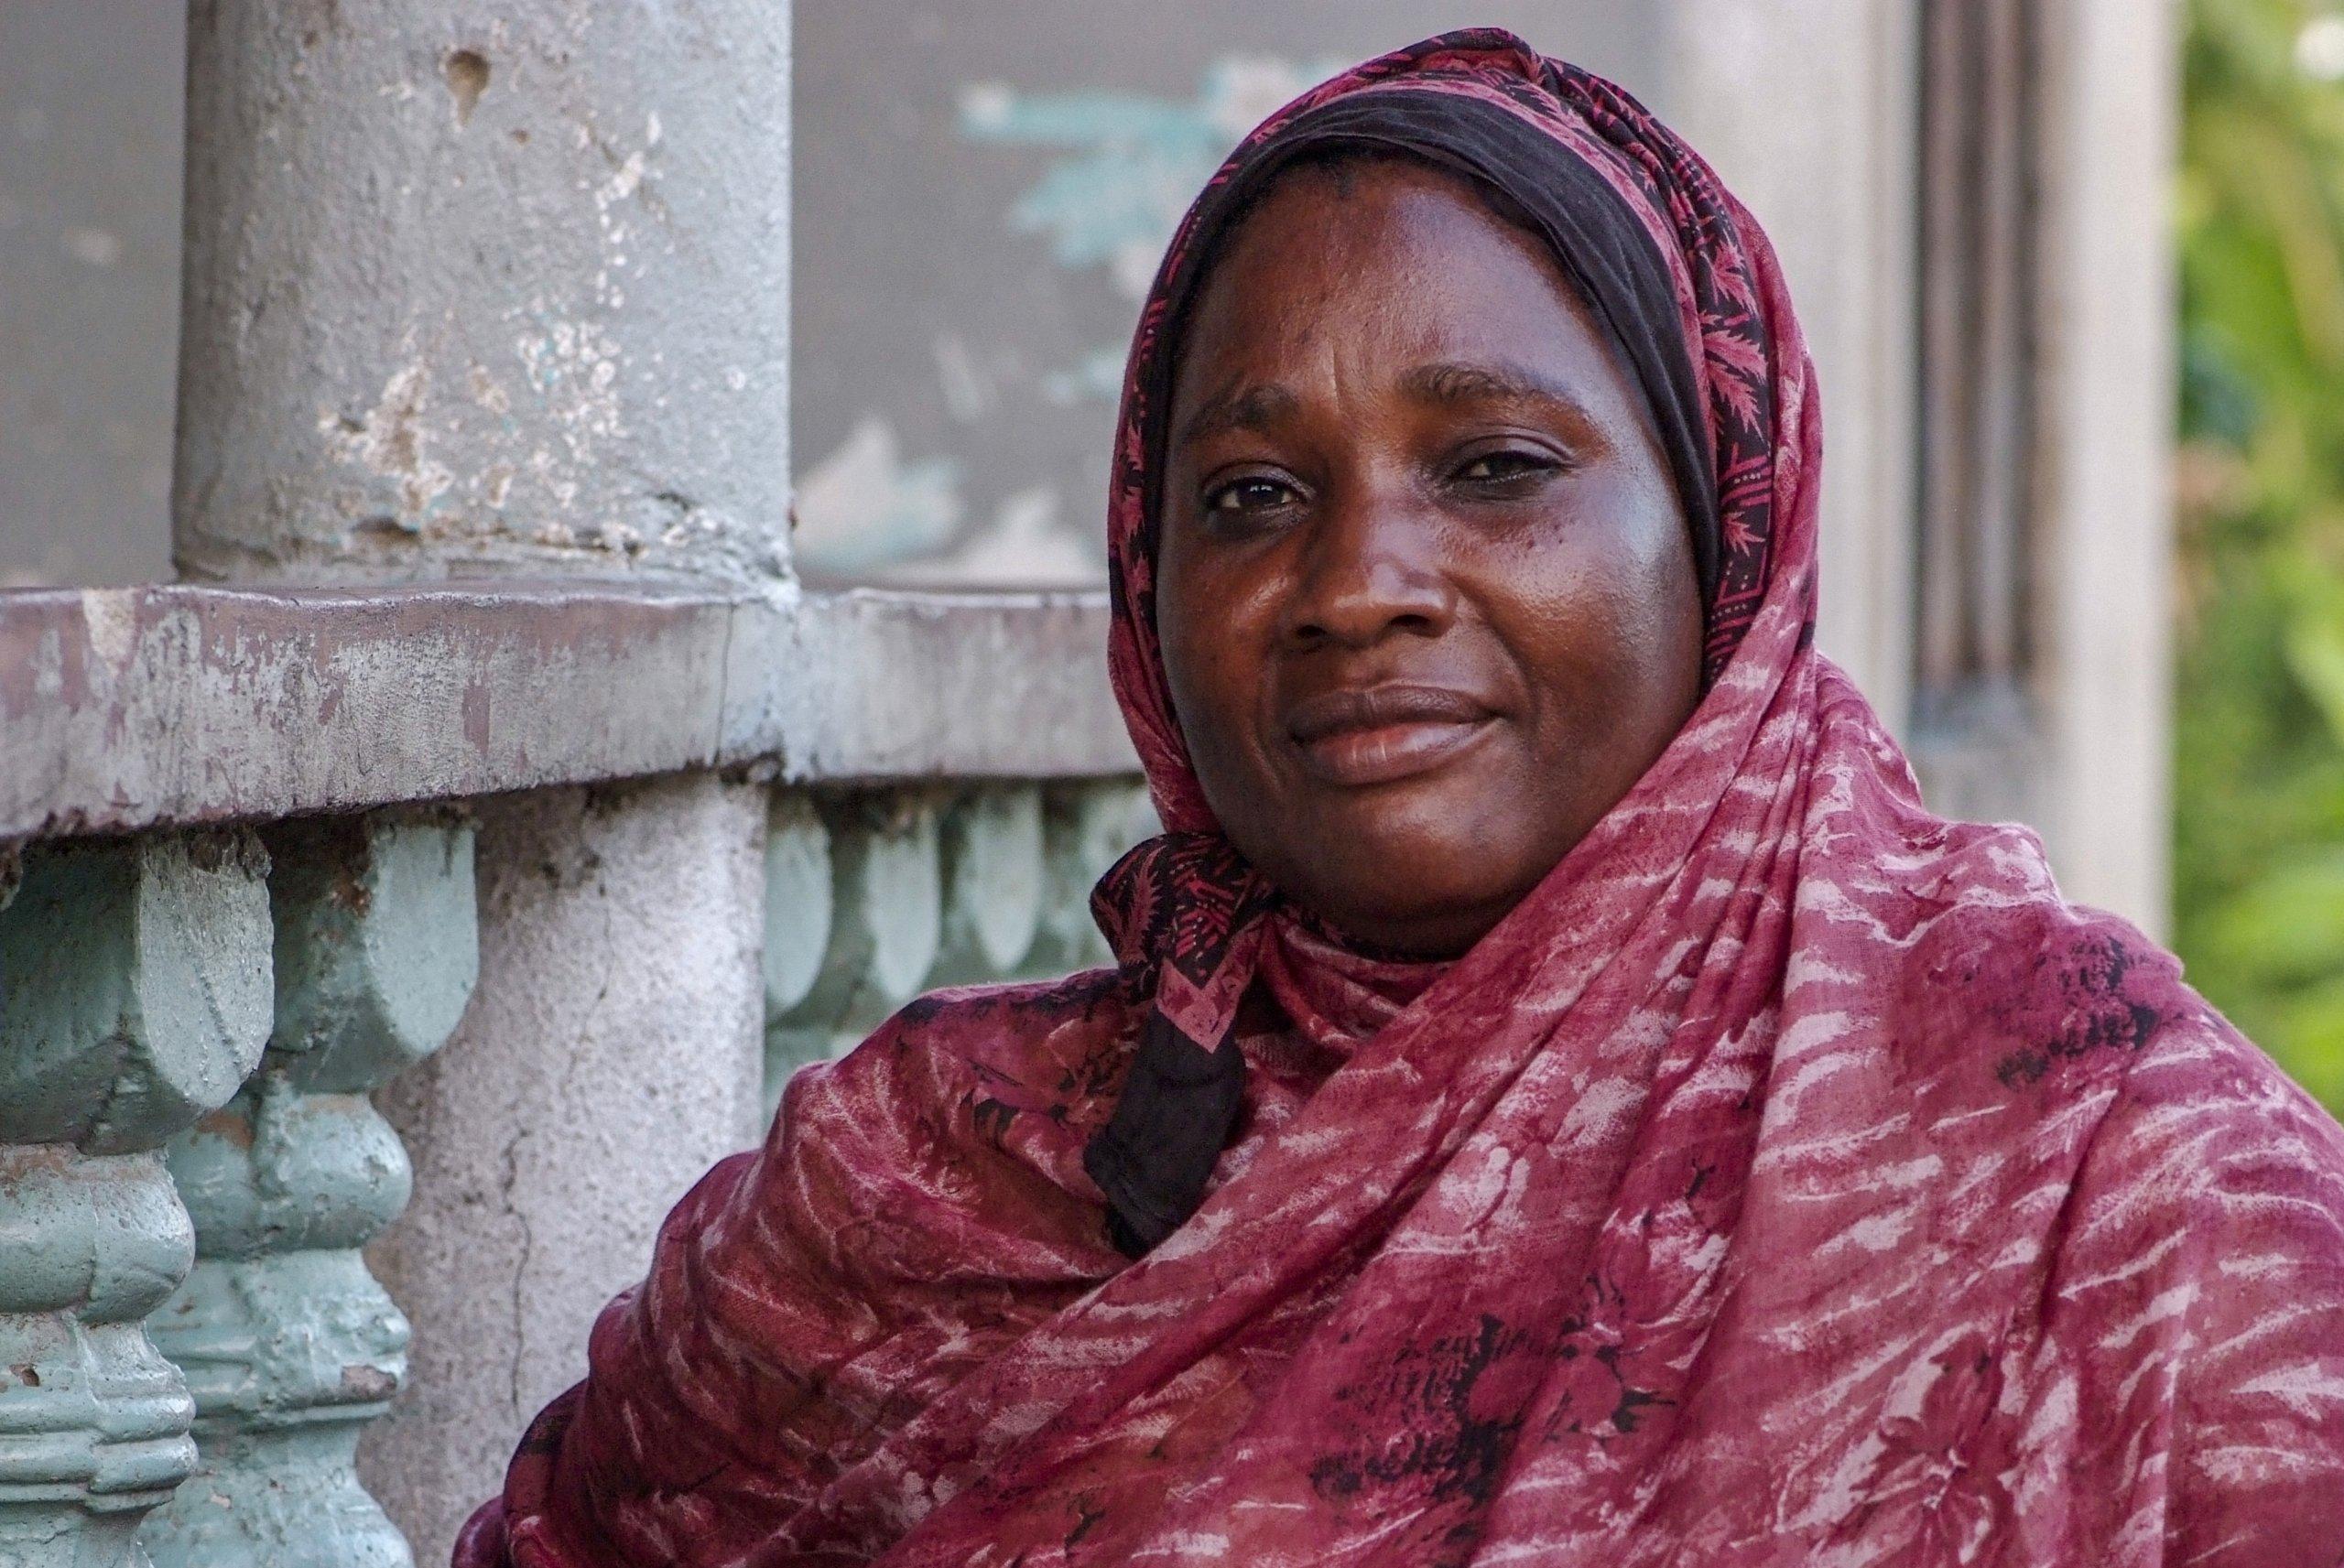 31 01 boerin trotsevrouw Tatu Kahogo Pangani Tanzania 5724 scaled